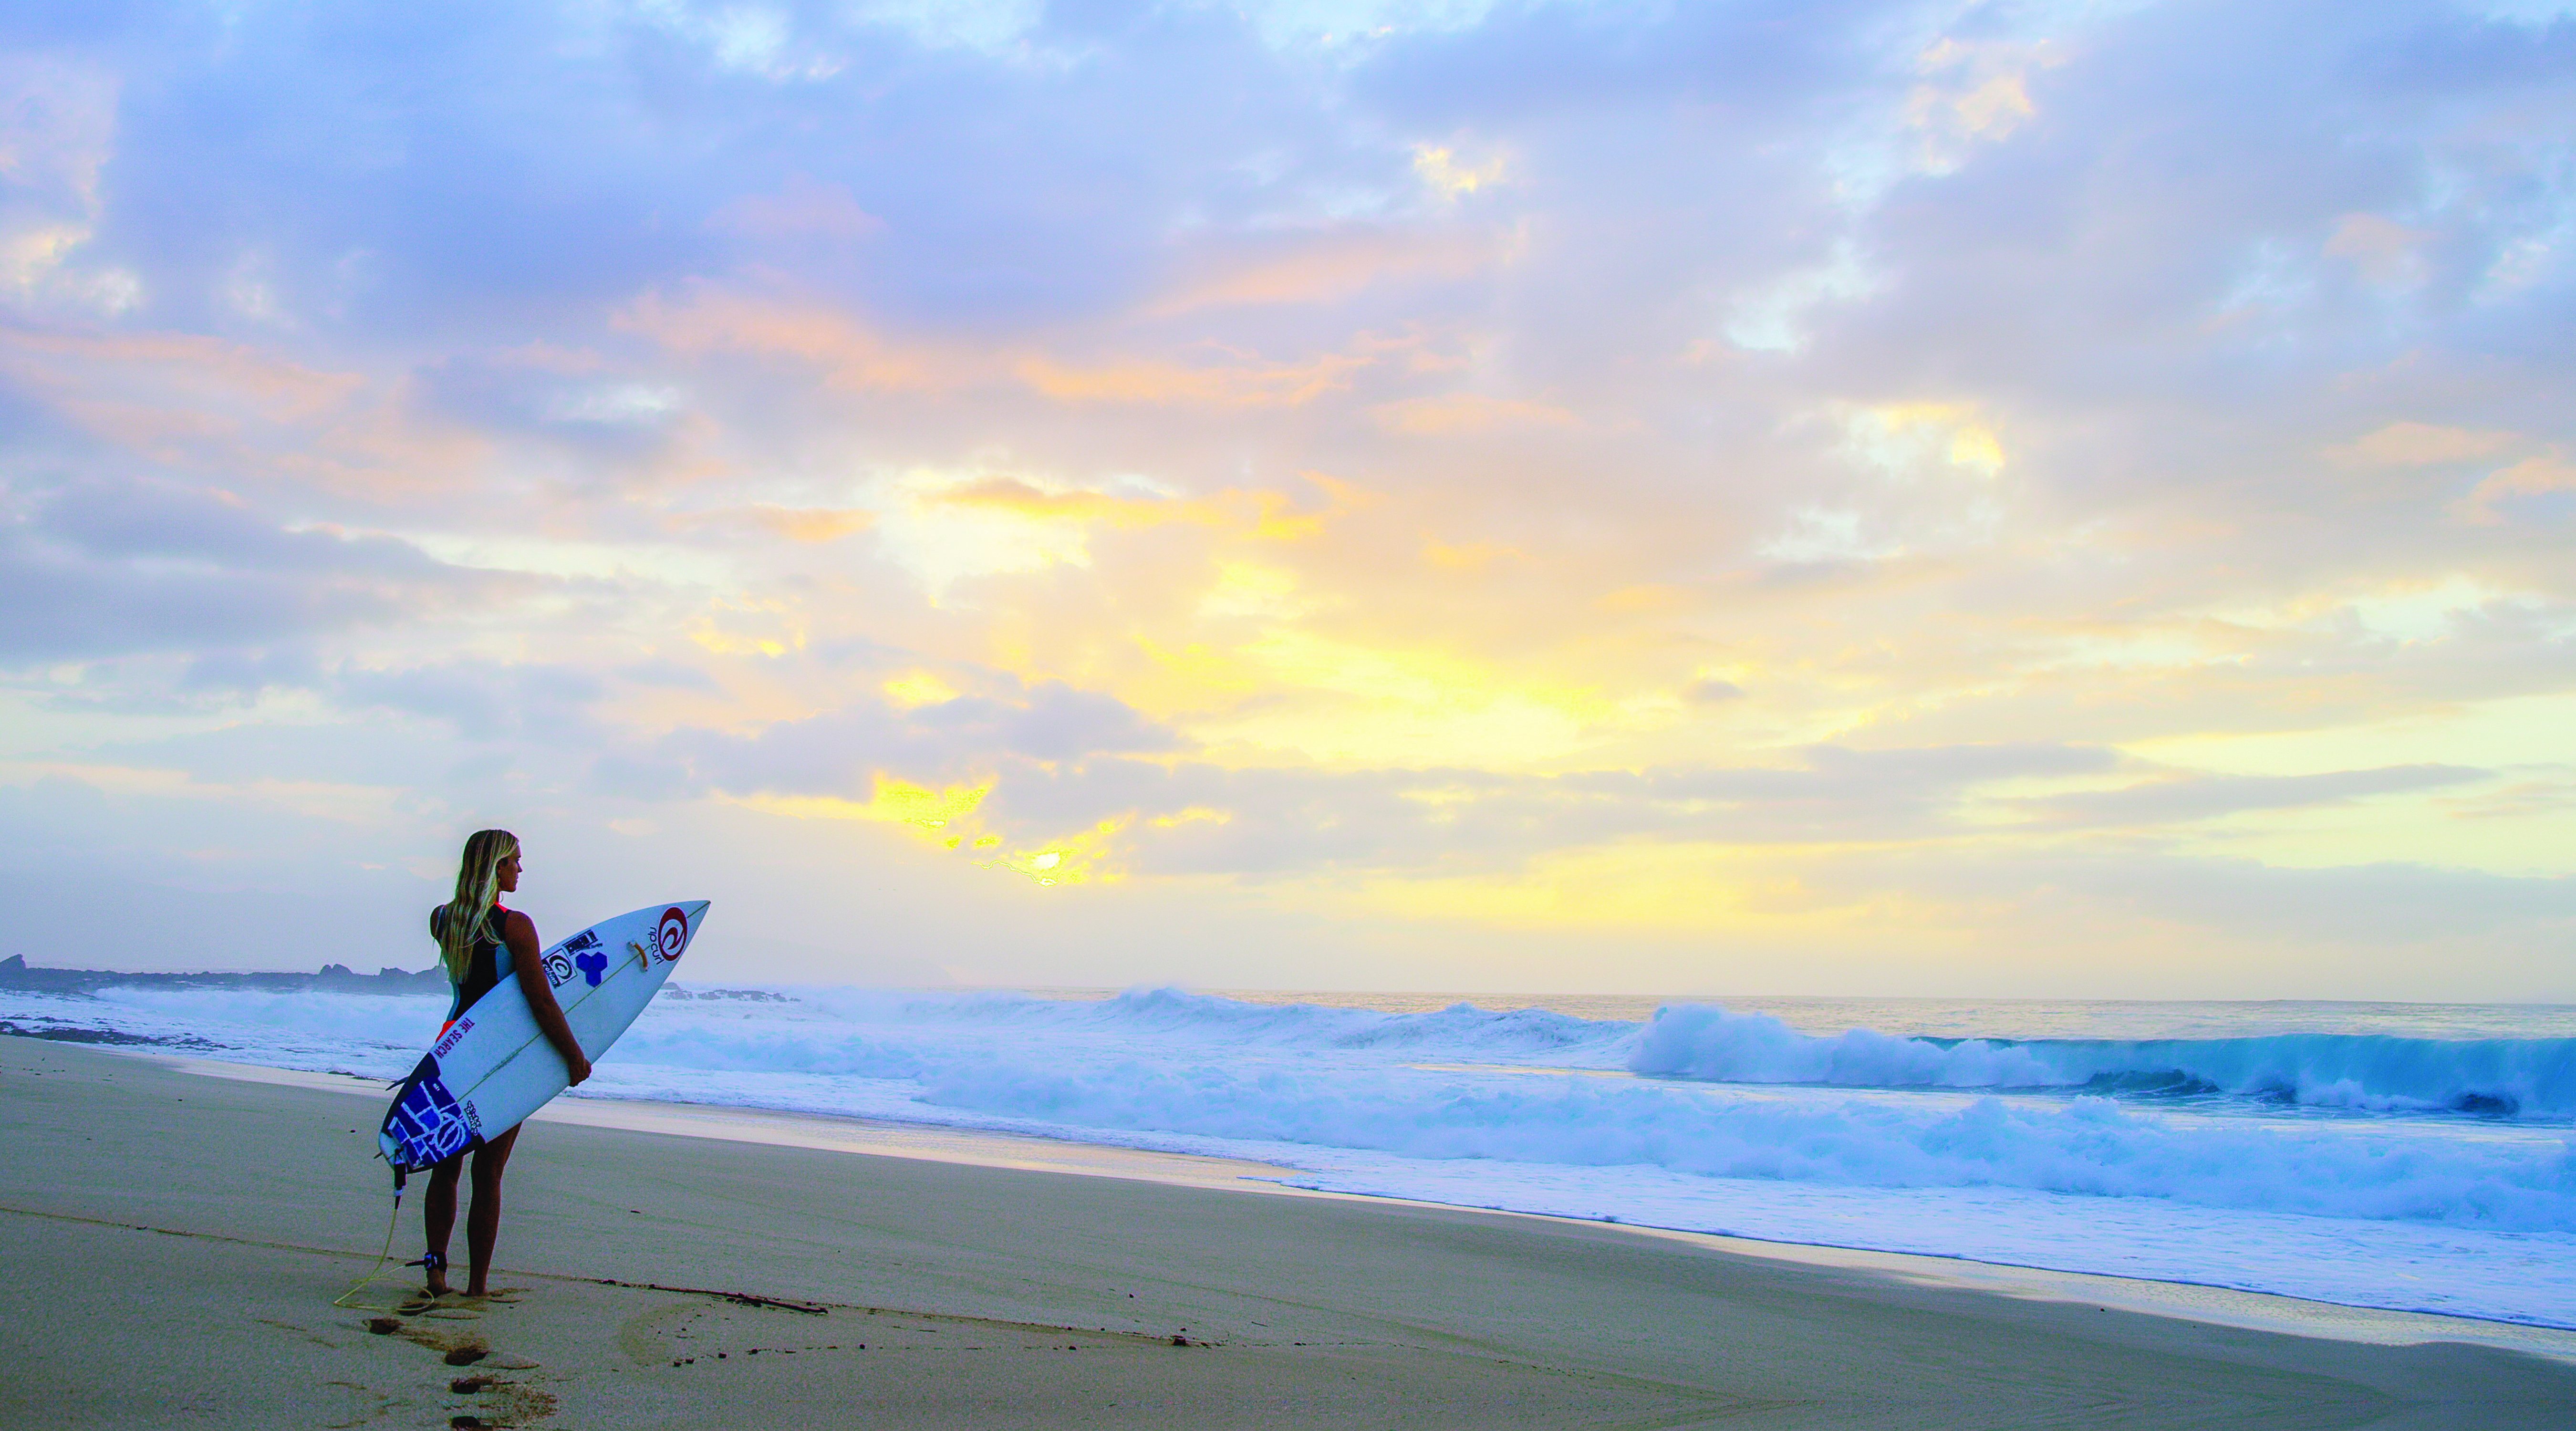 Pro surfer, Bethany Hamilton monitors the waves